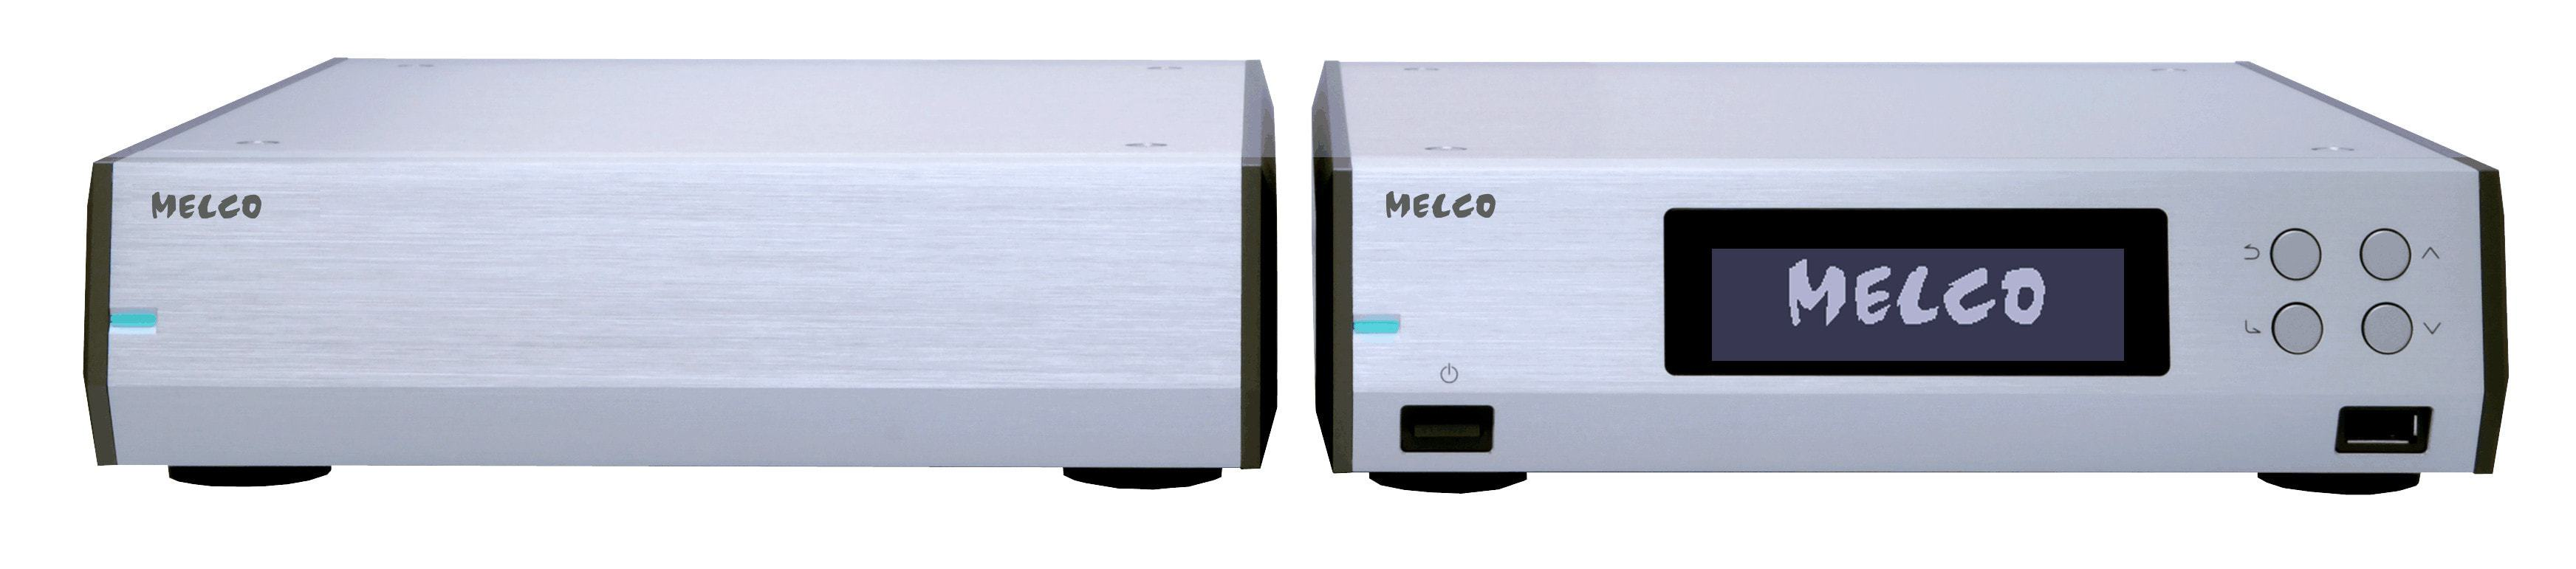 Melco N10